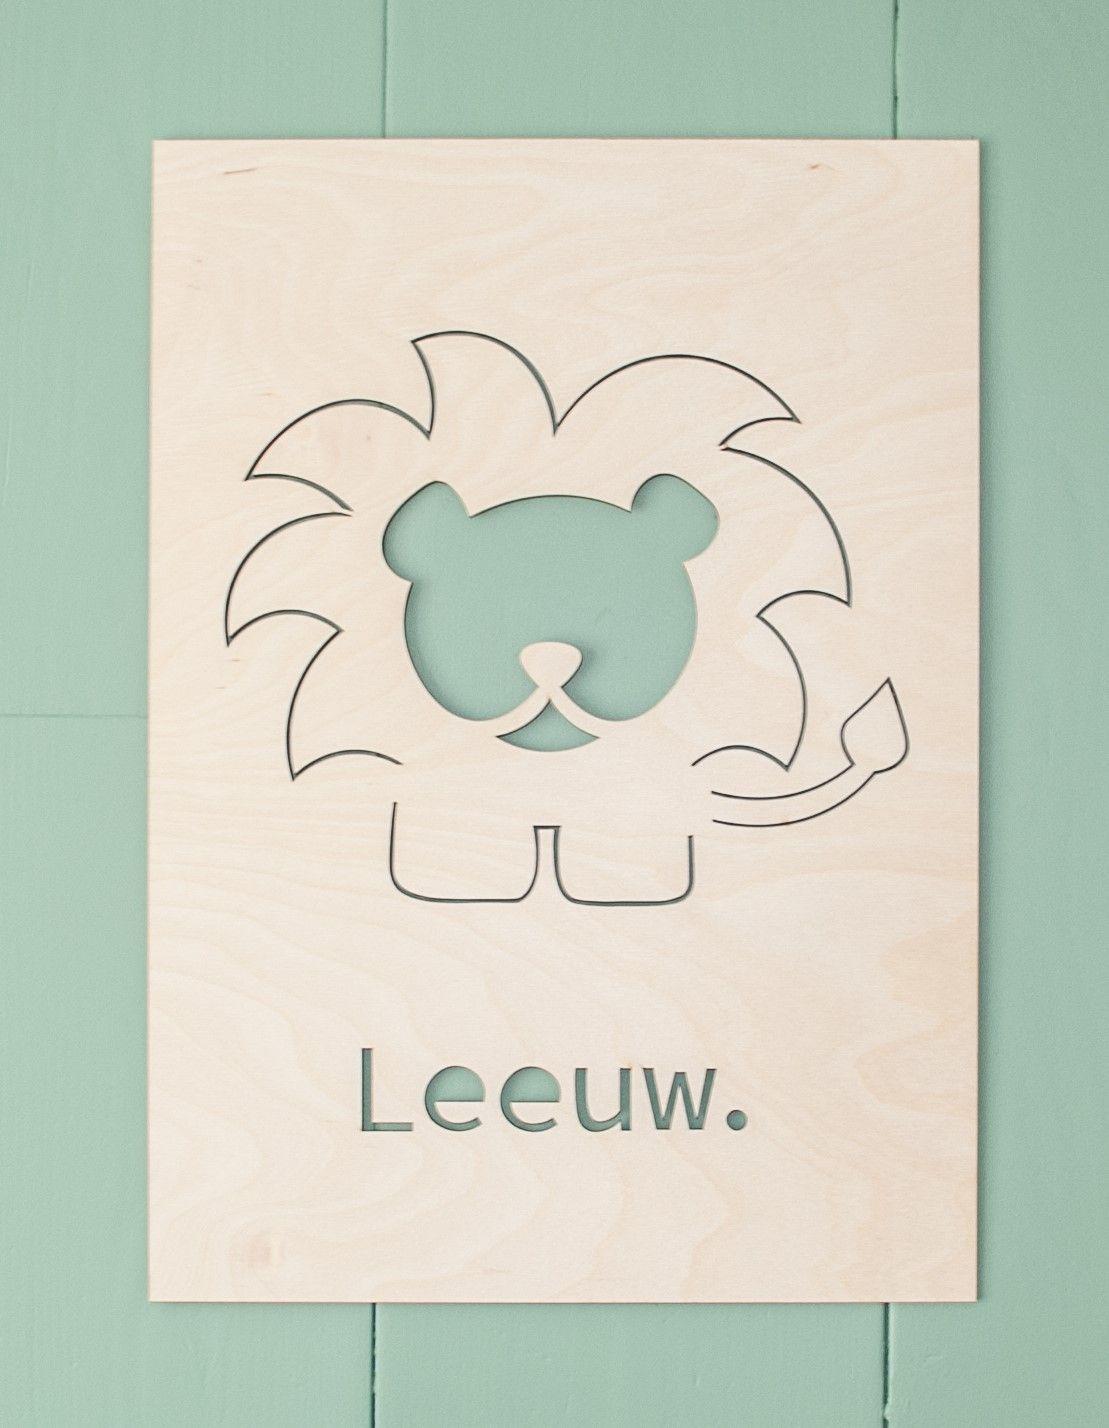 Muurdecoratie Hout Kinderkamer.Houten Poster Leeuw Stoere Houten Poster Voor De Babykamer Of De